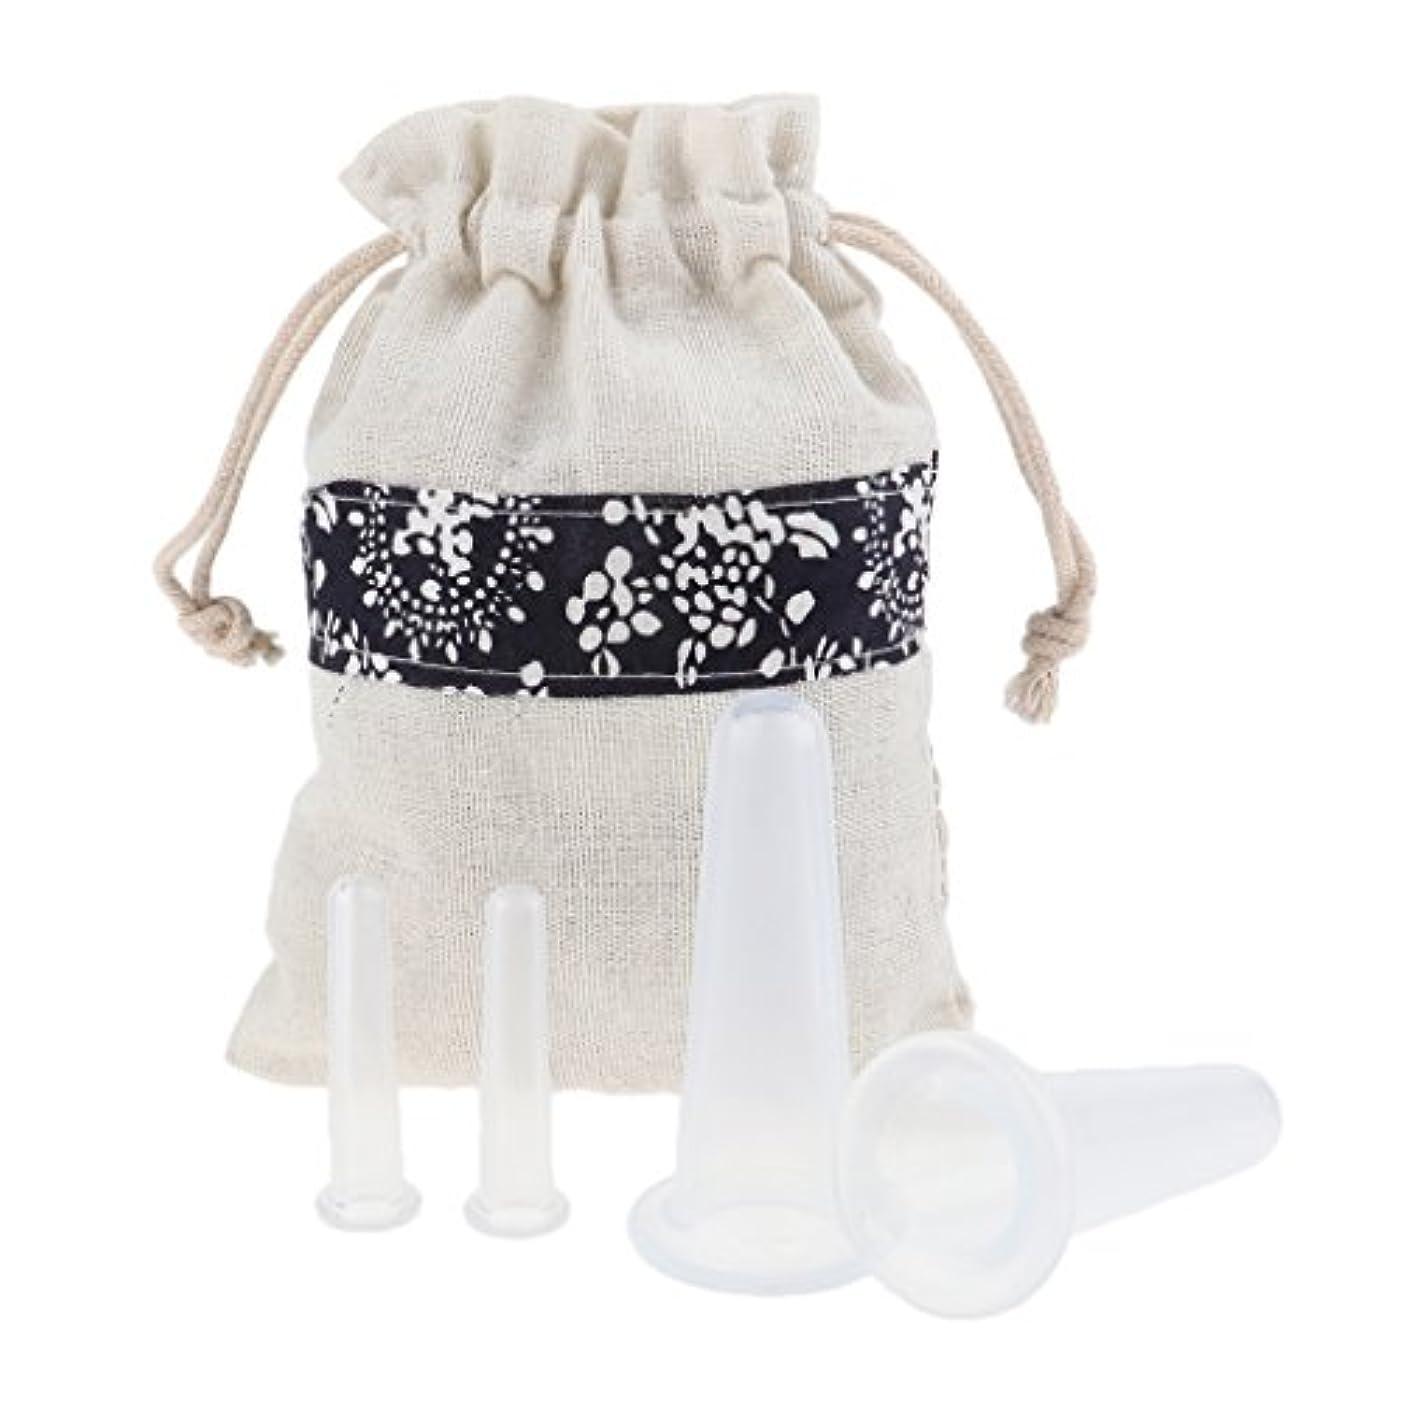 ボウリング買収ためにPerfk 4個 マッサージカップ カッピング ボディー マッサージ 収納ポーチ 自宅用 プロ サロン 美容院 スパ